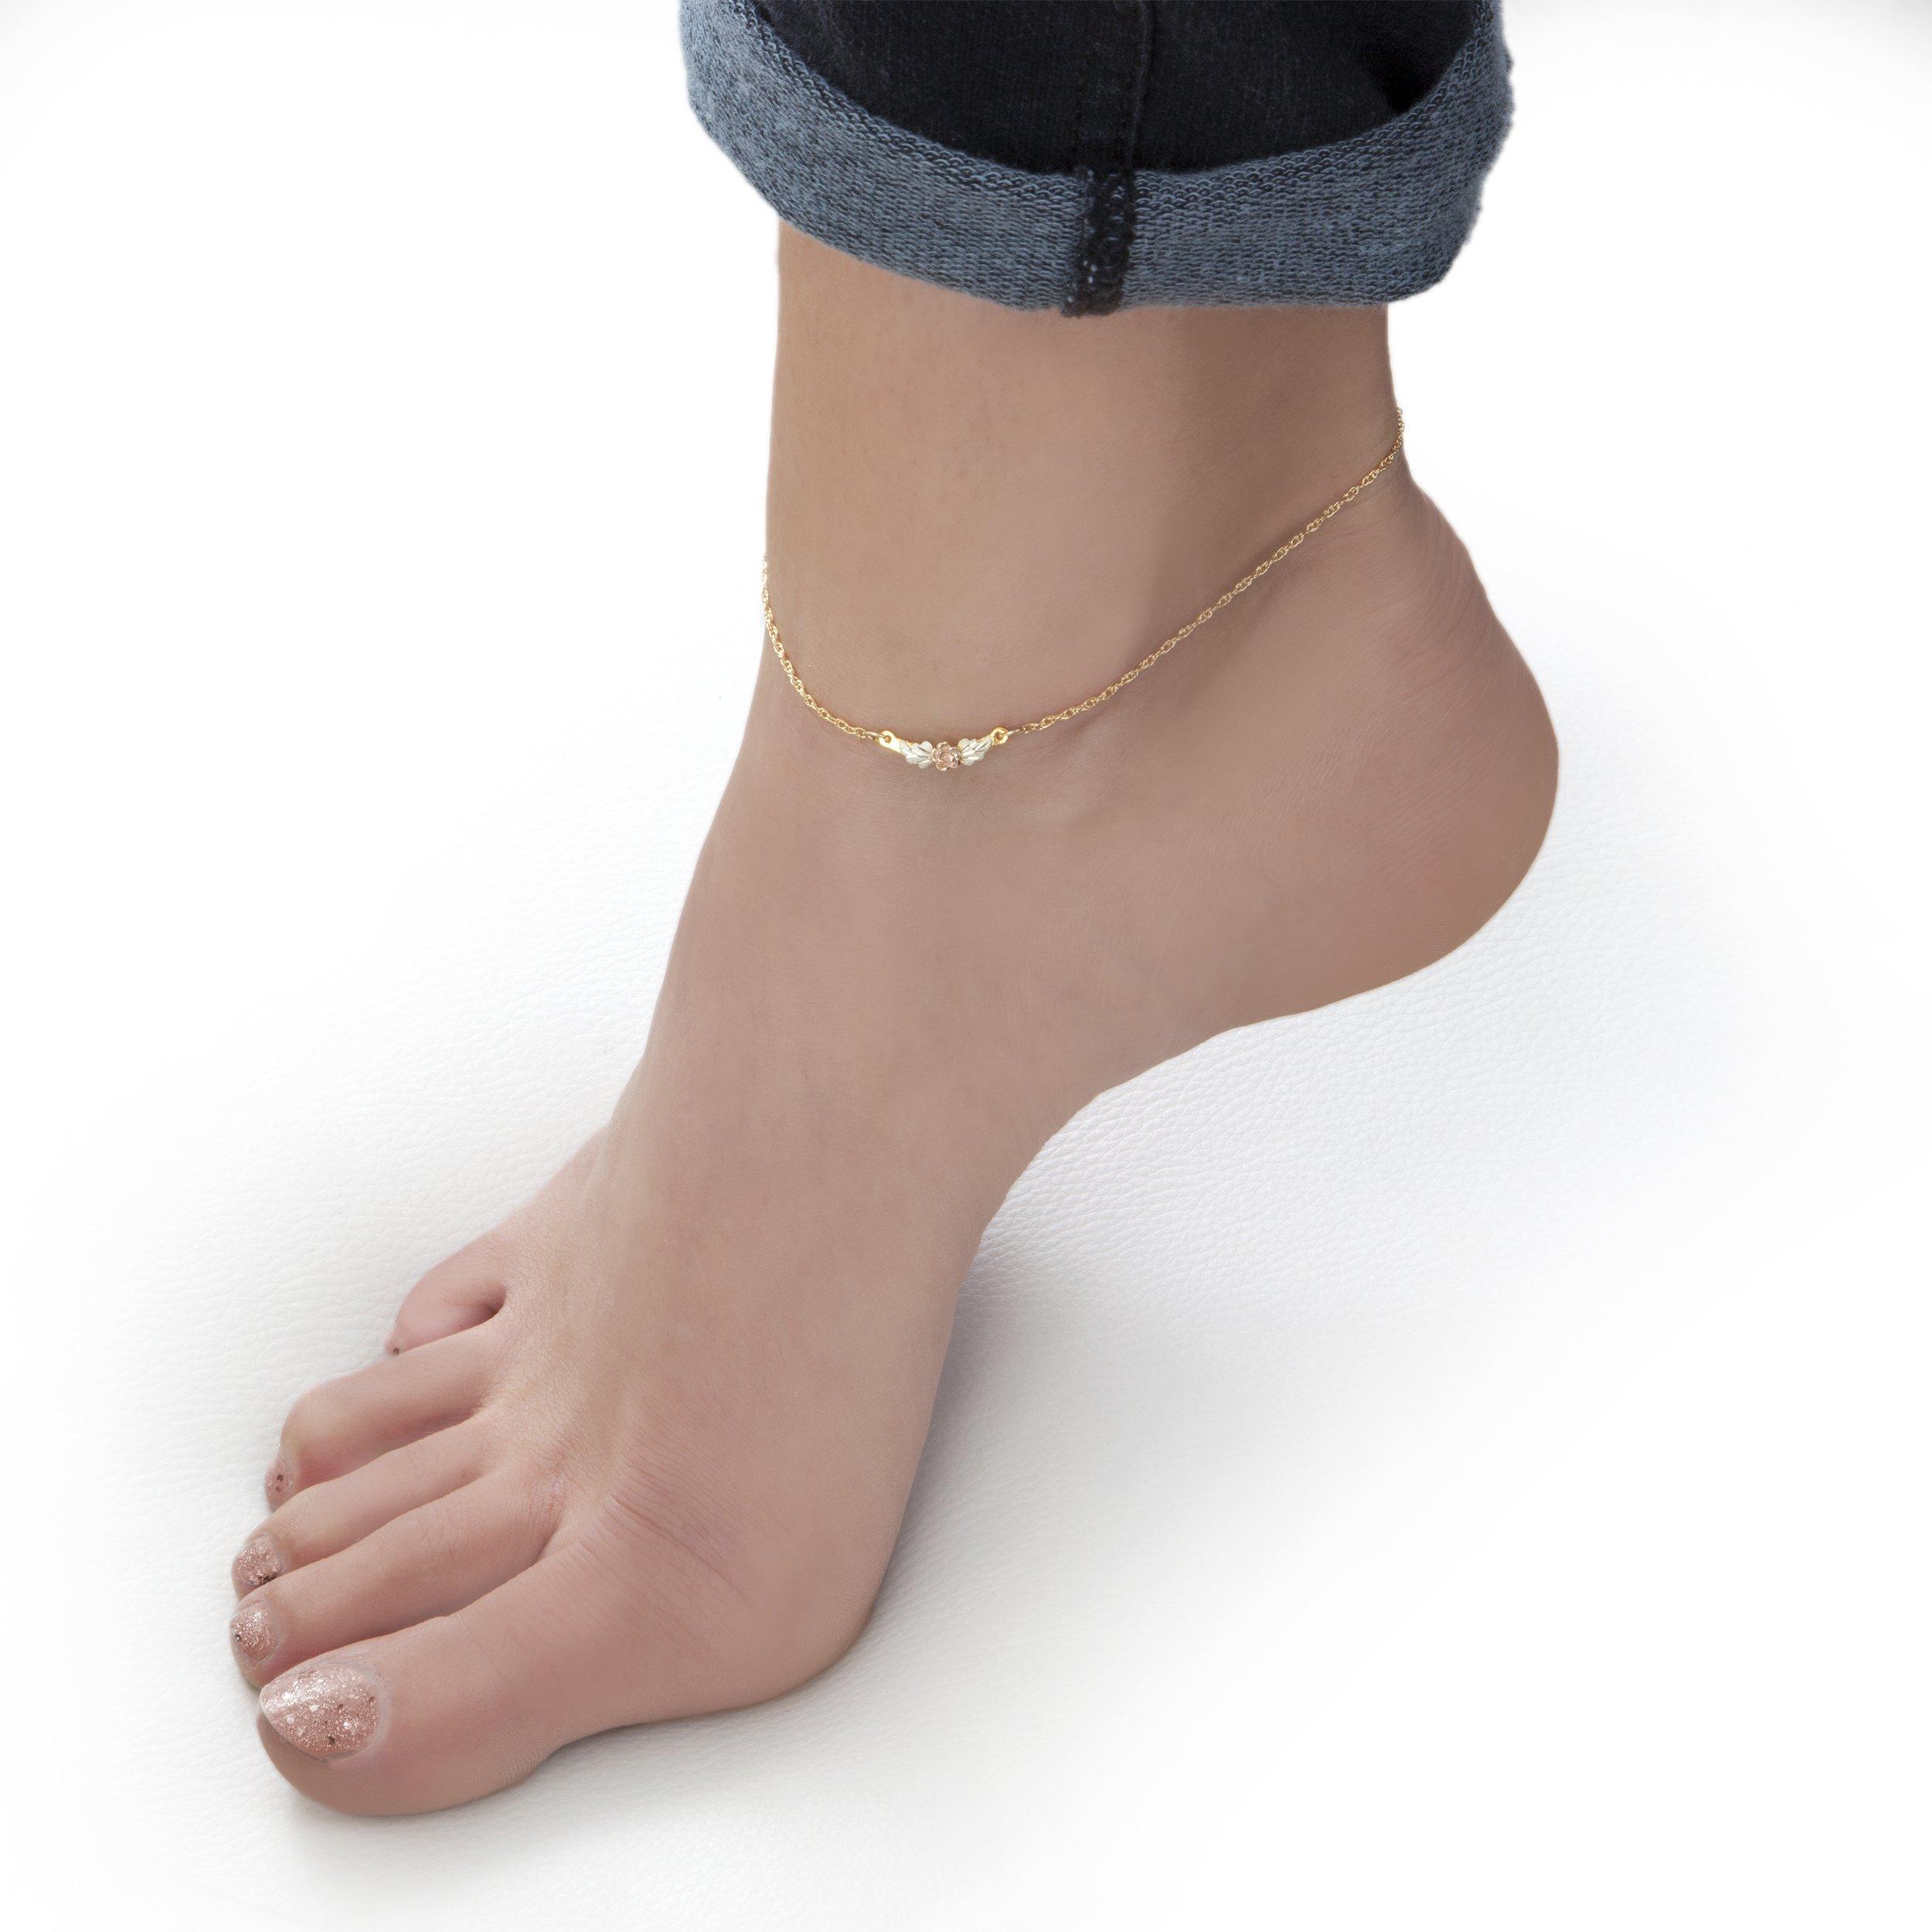 Black Hills Gold Rose Ankle Bracelet by Black Hills Gold (Image #3)